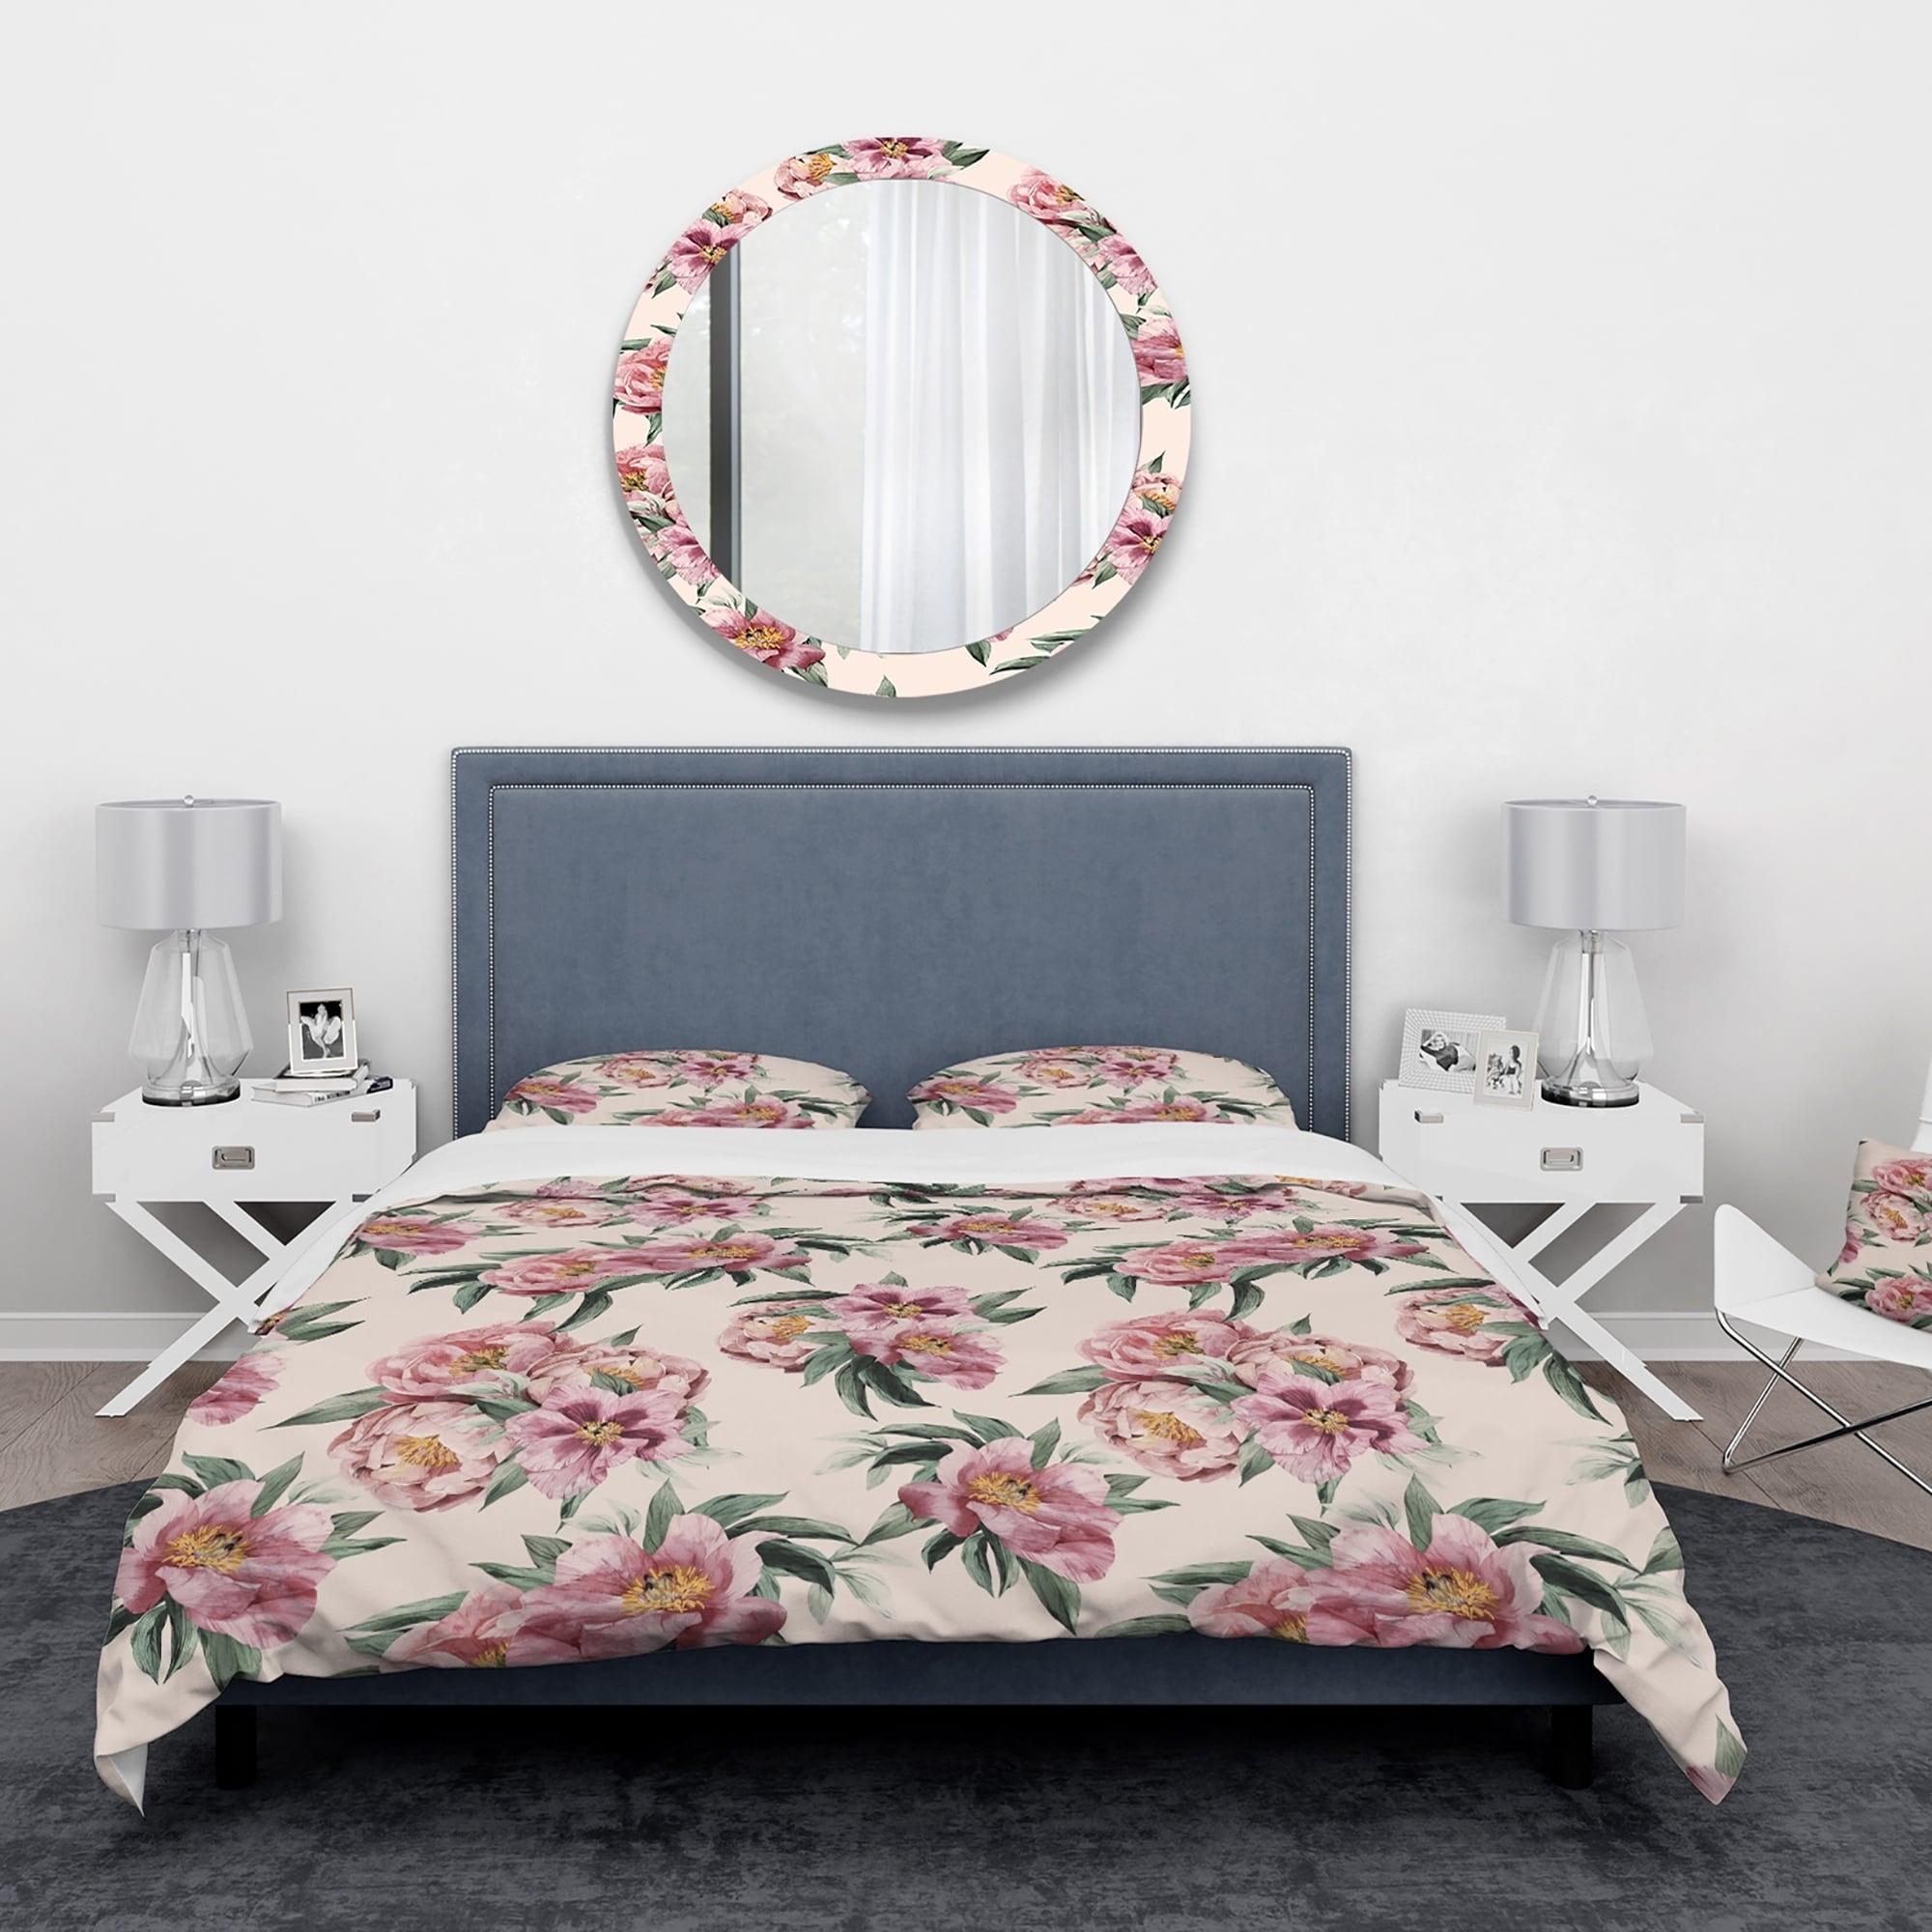 Designart \'Pink Peonies\' Floral Bedding Set - Duvet Cover & Shams